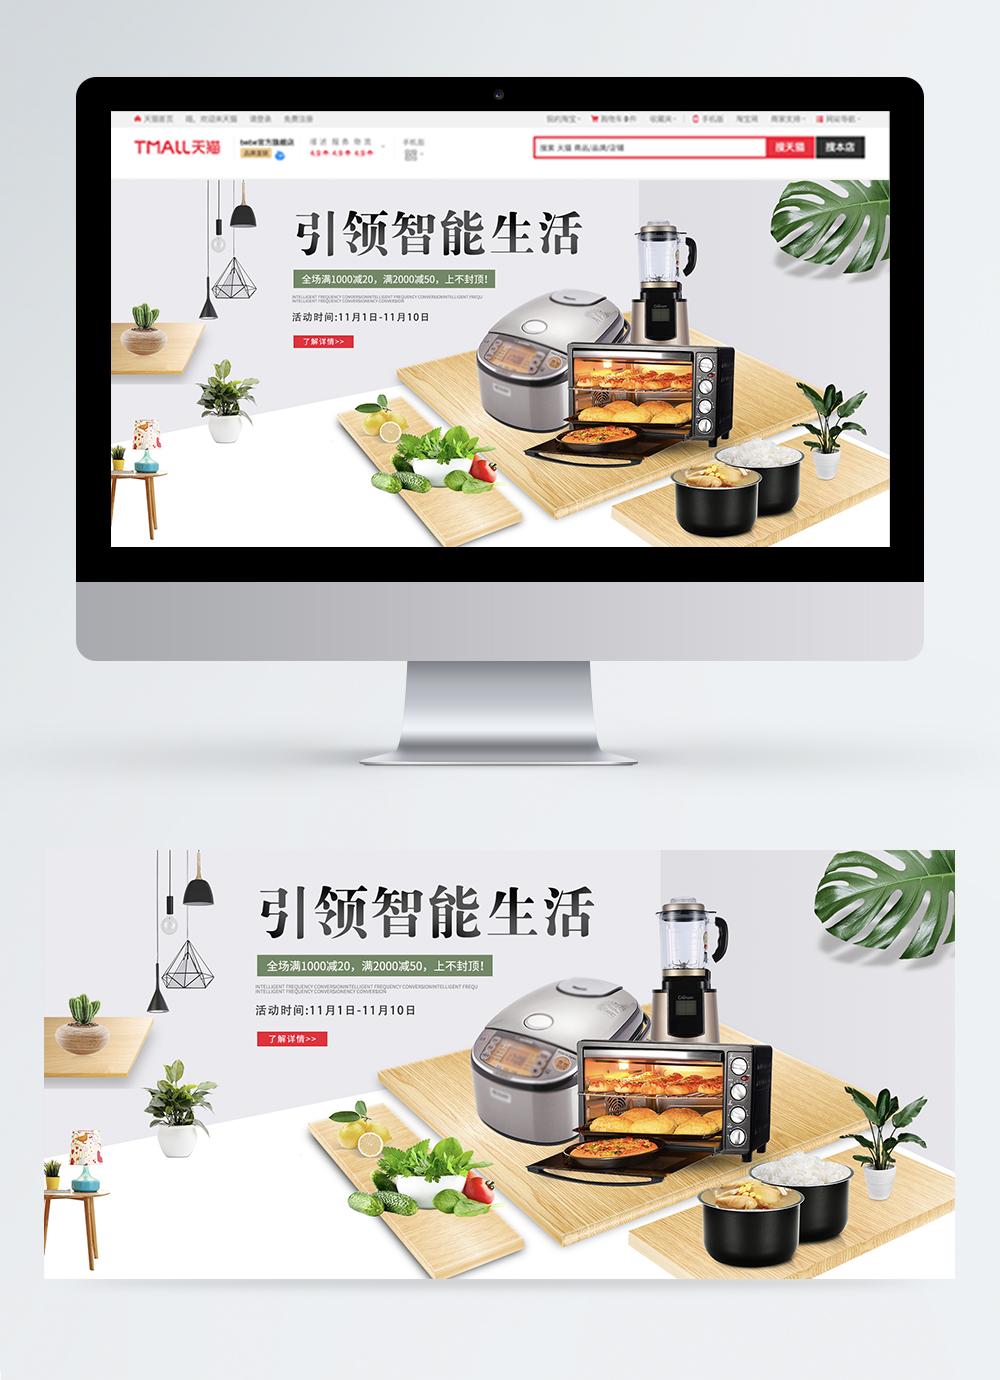 Promosi Peralatan Dapur Taobao Banner Gambar Unduh Gratisimej